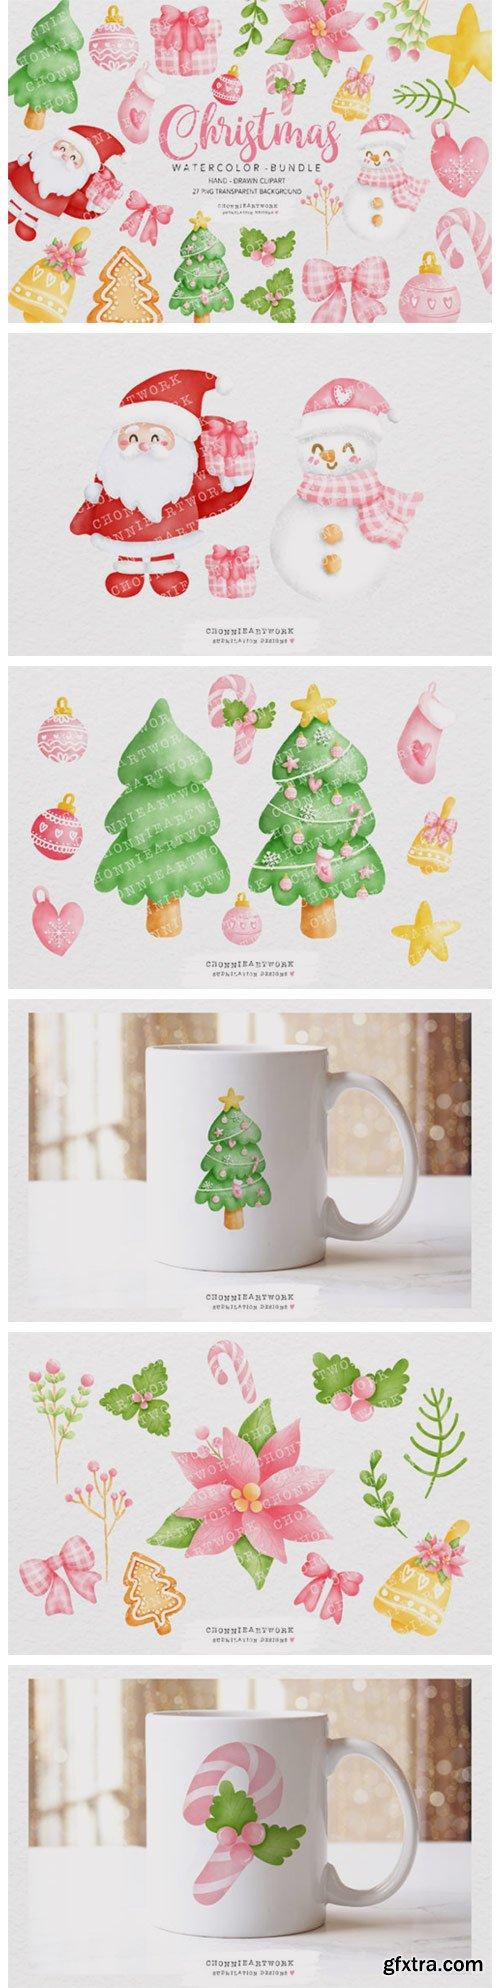 Watercolor Christmas Clipart Bundle 7151795